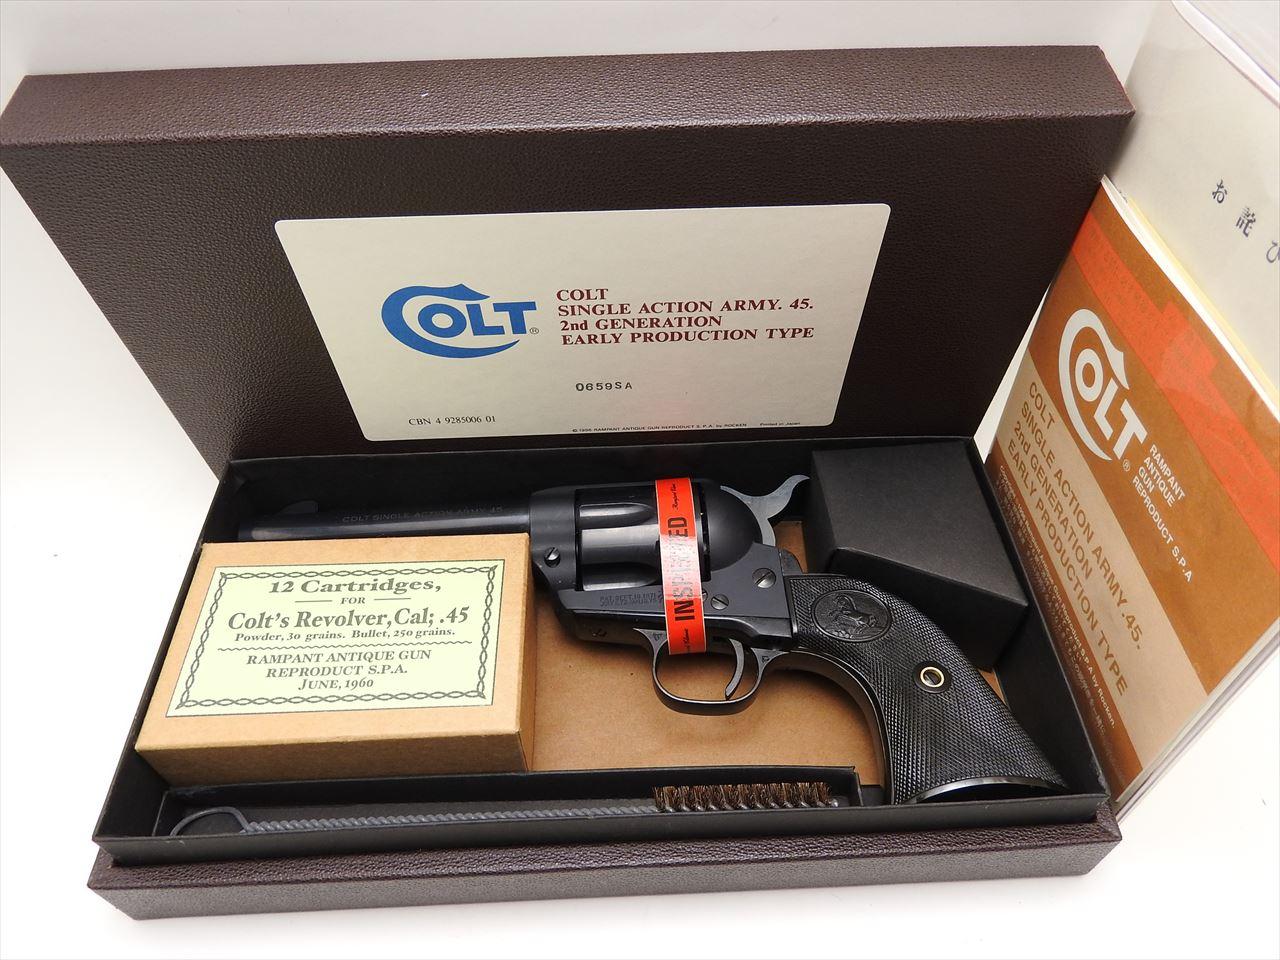 【中古品】未発火 未使用 ランパントクラシック SAA45 2nd シビリアン 初期型 アーリー プロダクション 銃 ハンドガン モデルガン 004